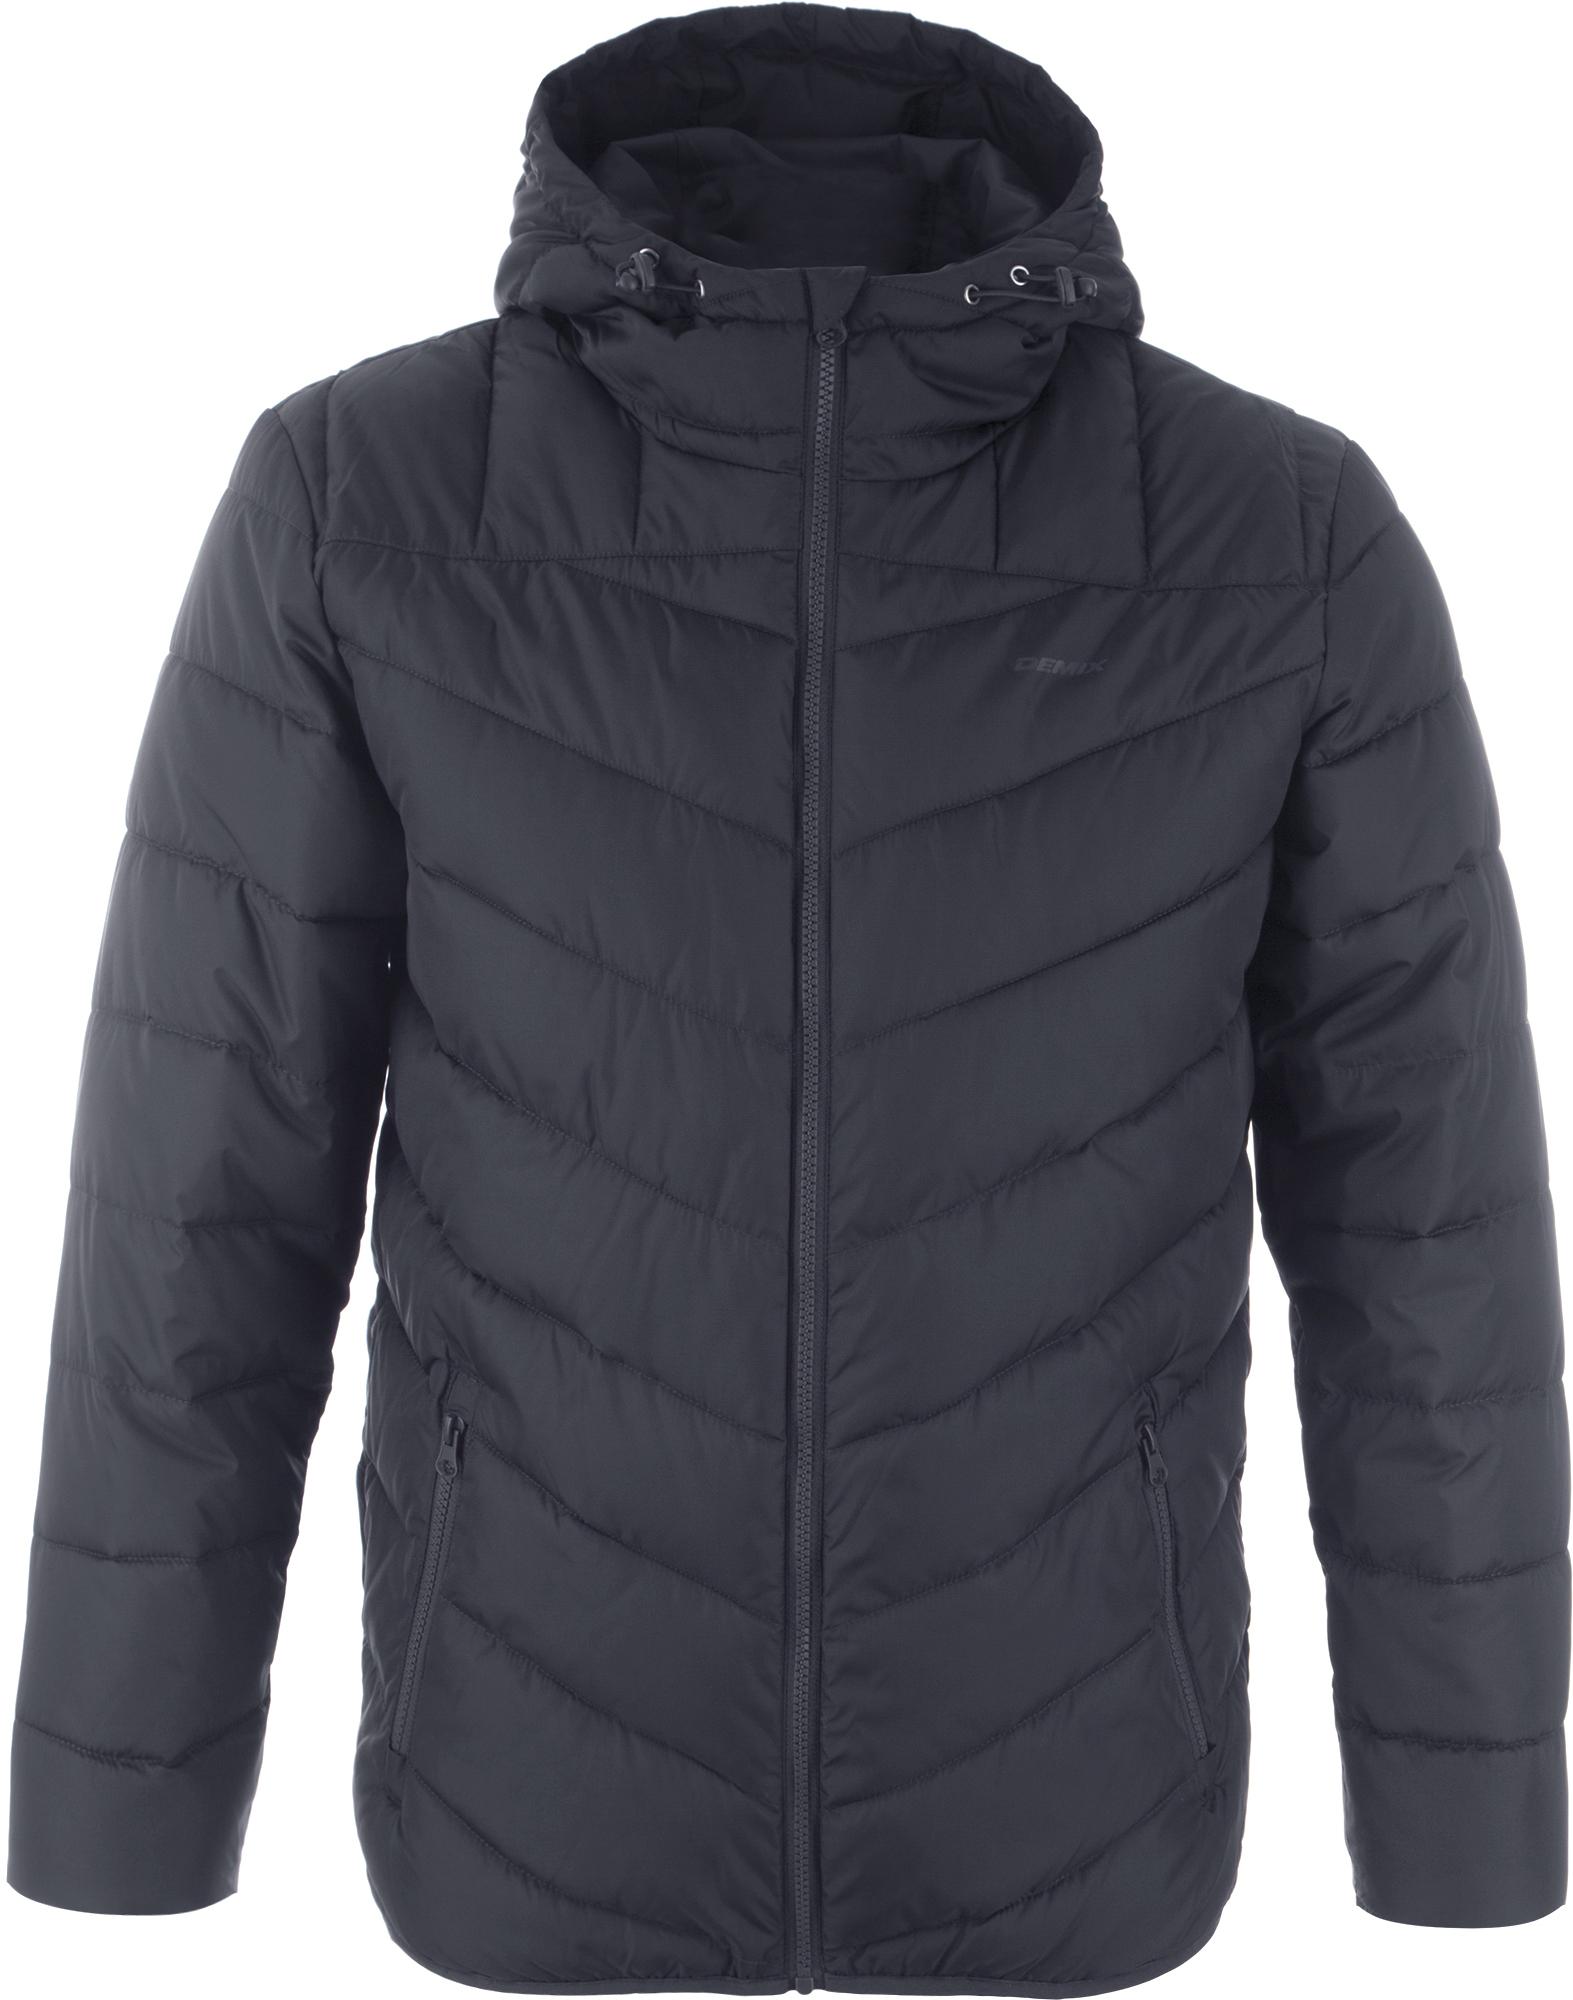 Demix Куртка утепленная мужская Demix куртка penfield мужская